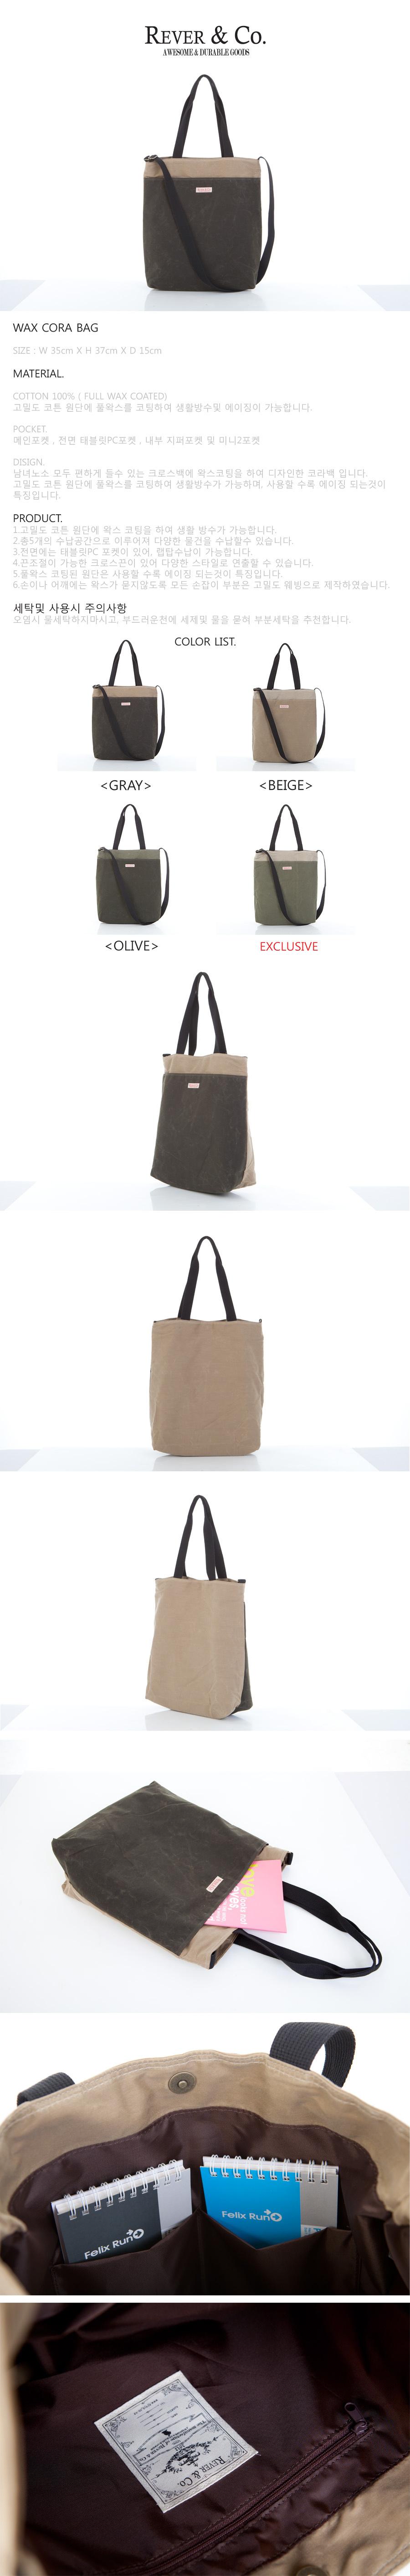 르버앤코(REVER&CO) 풀 왁스 코라백 다크그레이